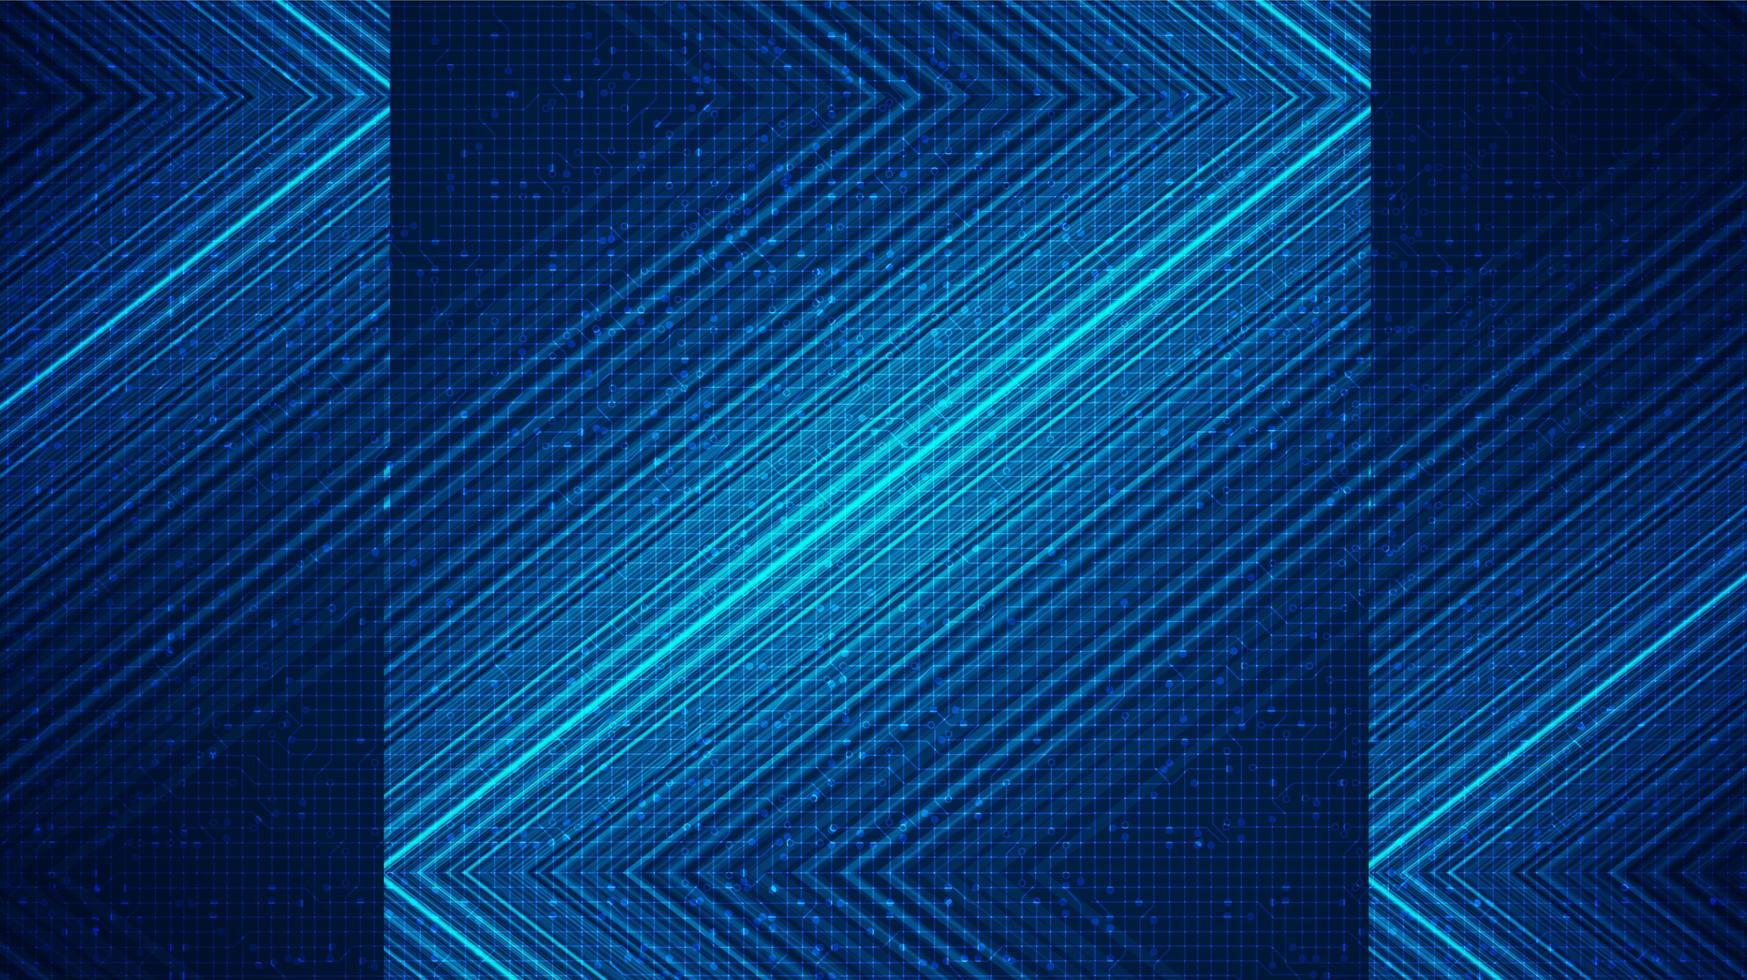 linea di tecnologia laser blu a bordo sfondo, design digitale e concetto di connessione, illustrazione vettoriale. vettore